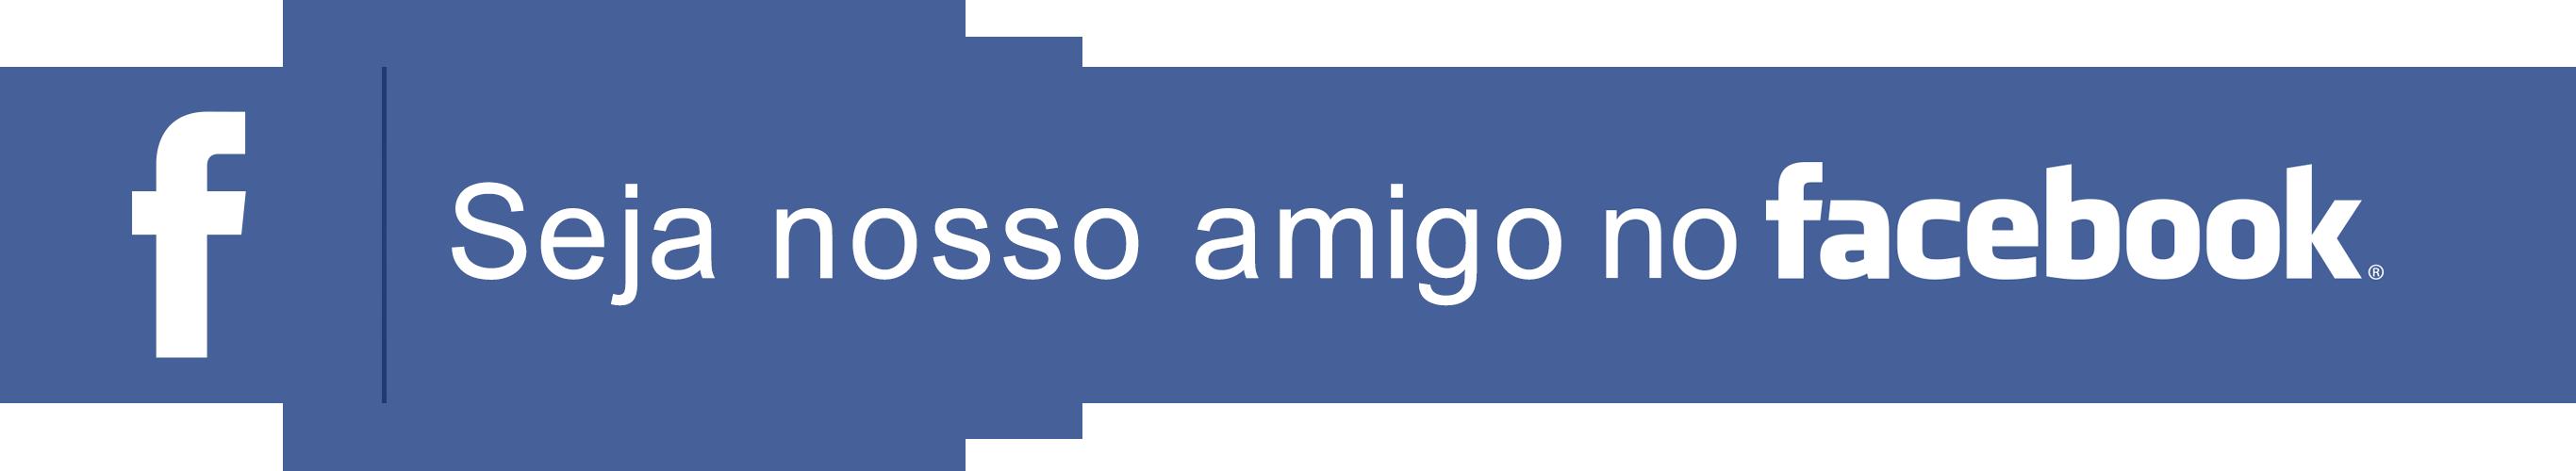 botao_facebook